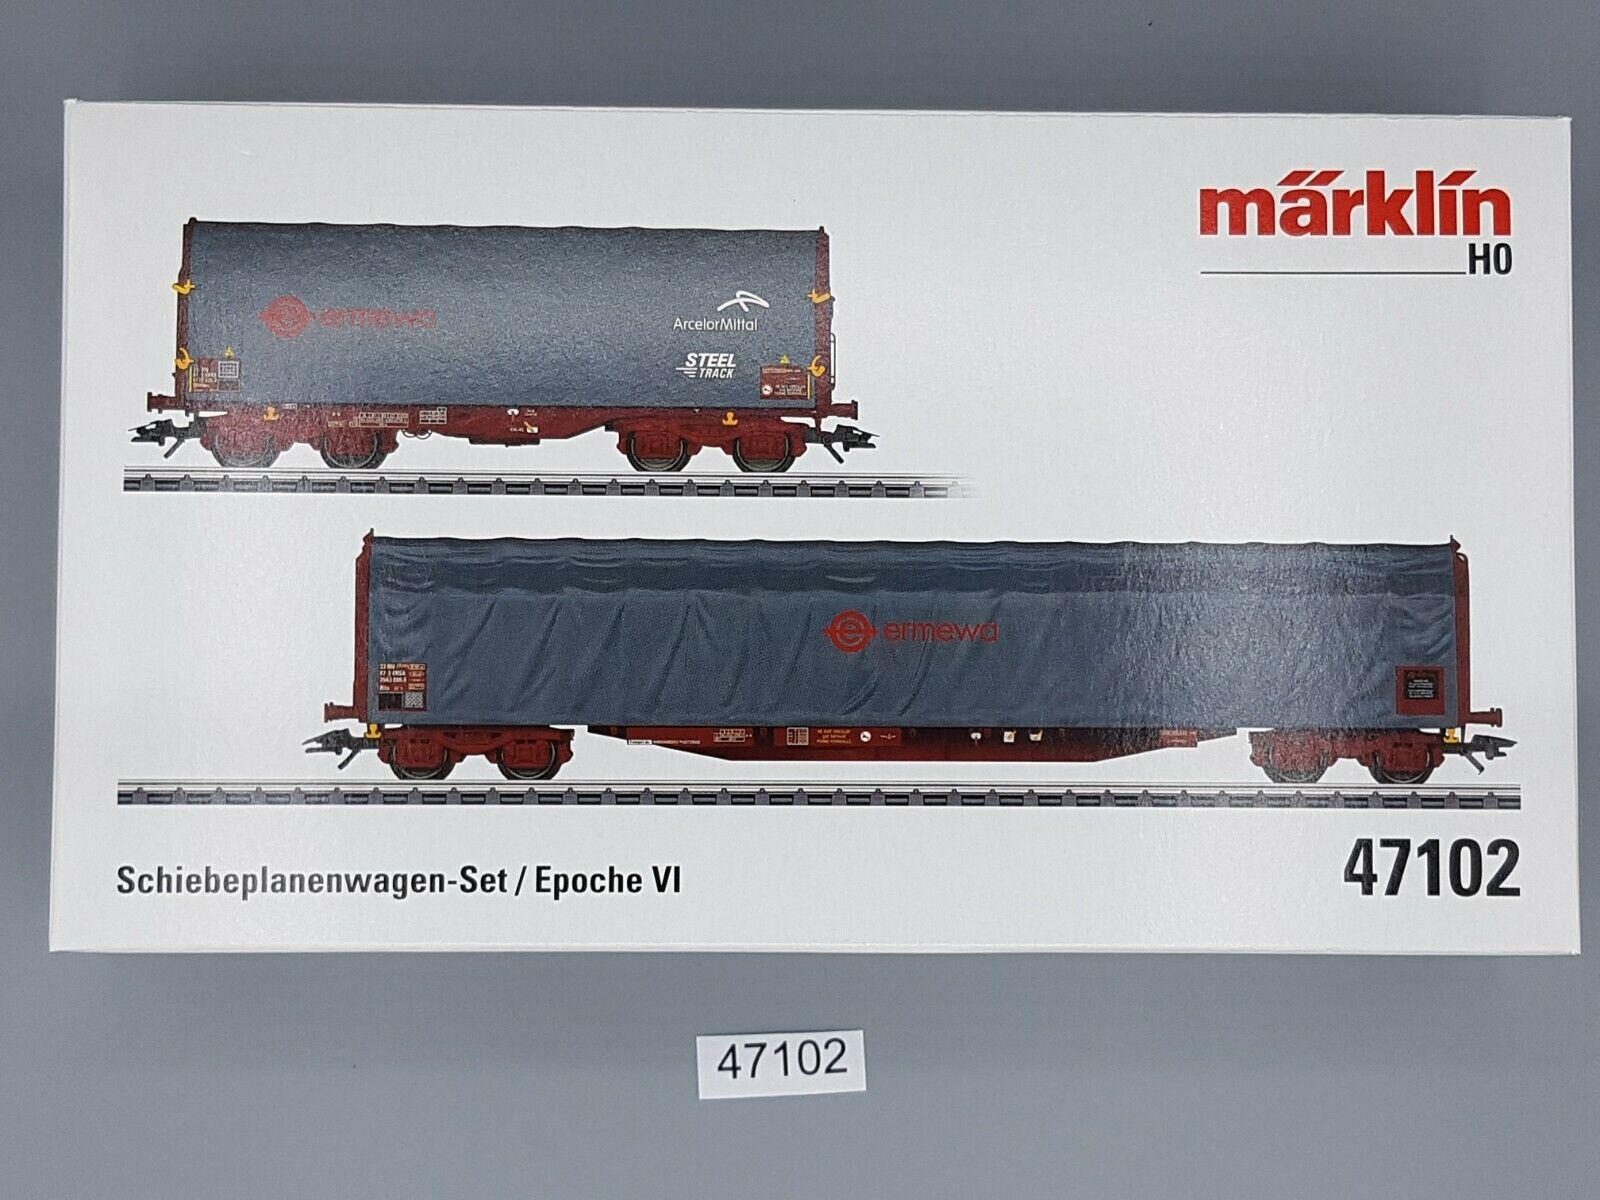 marklin 47102 pianifiautoe scorrevoli autorelloSet Ermewa 2 pezzi  neu in OVP